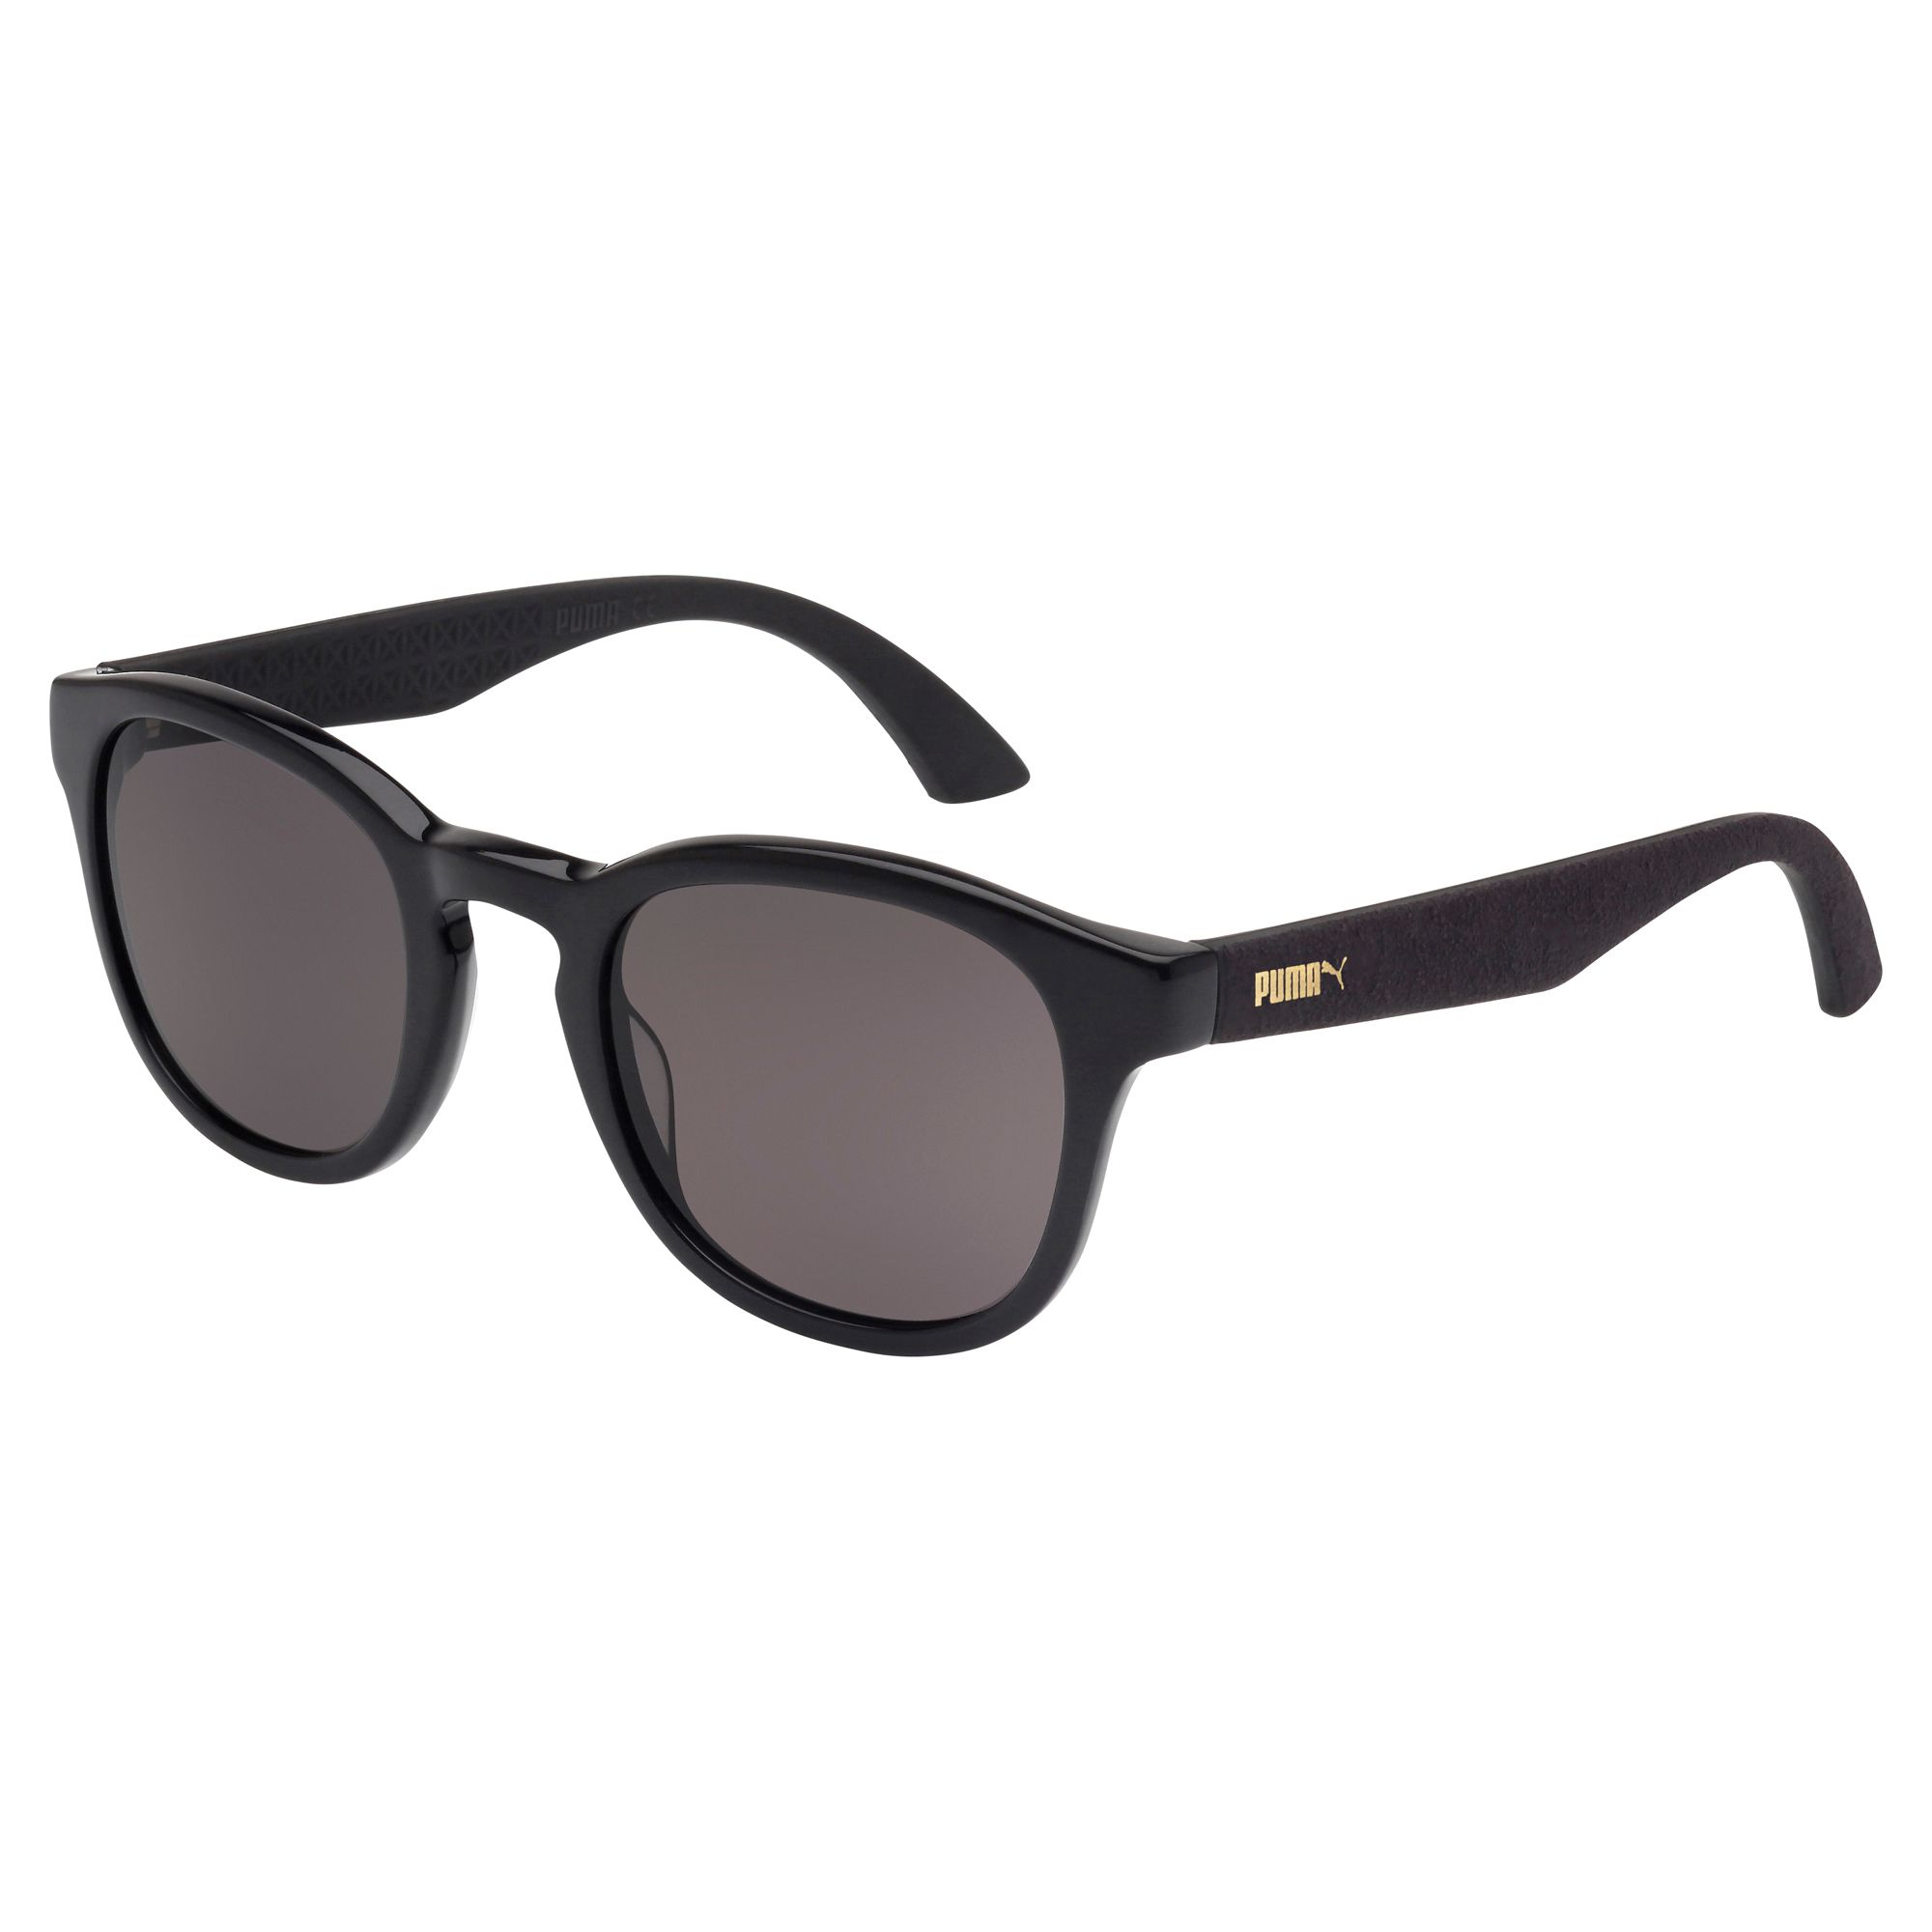 Artikel klicken und genauer betrachten! - Suede Sonnenbrille: Diese Sonnenbrille von PUMA Eyewear ist von unserem berühmtesten Sneaker inspiriert: dem PUMA Suede, der durch den Wandel der Zeit hindurch immer er selbst und ein wahrer Klassiker geblieben ist. Vintage-Fassung mit Alcantara®-Bügeln für den unverkennbaren PUMA-Look. Gläser aus Polykarbonat. Jede Sonnenbrille kommt in einer einzigartigen Box, die unseren Schuhkartons nachempfunden ist. | im Online Shop kaufen